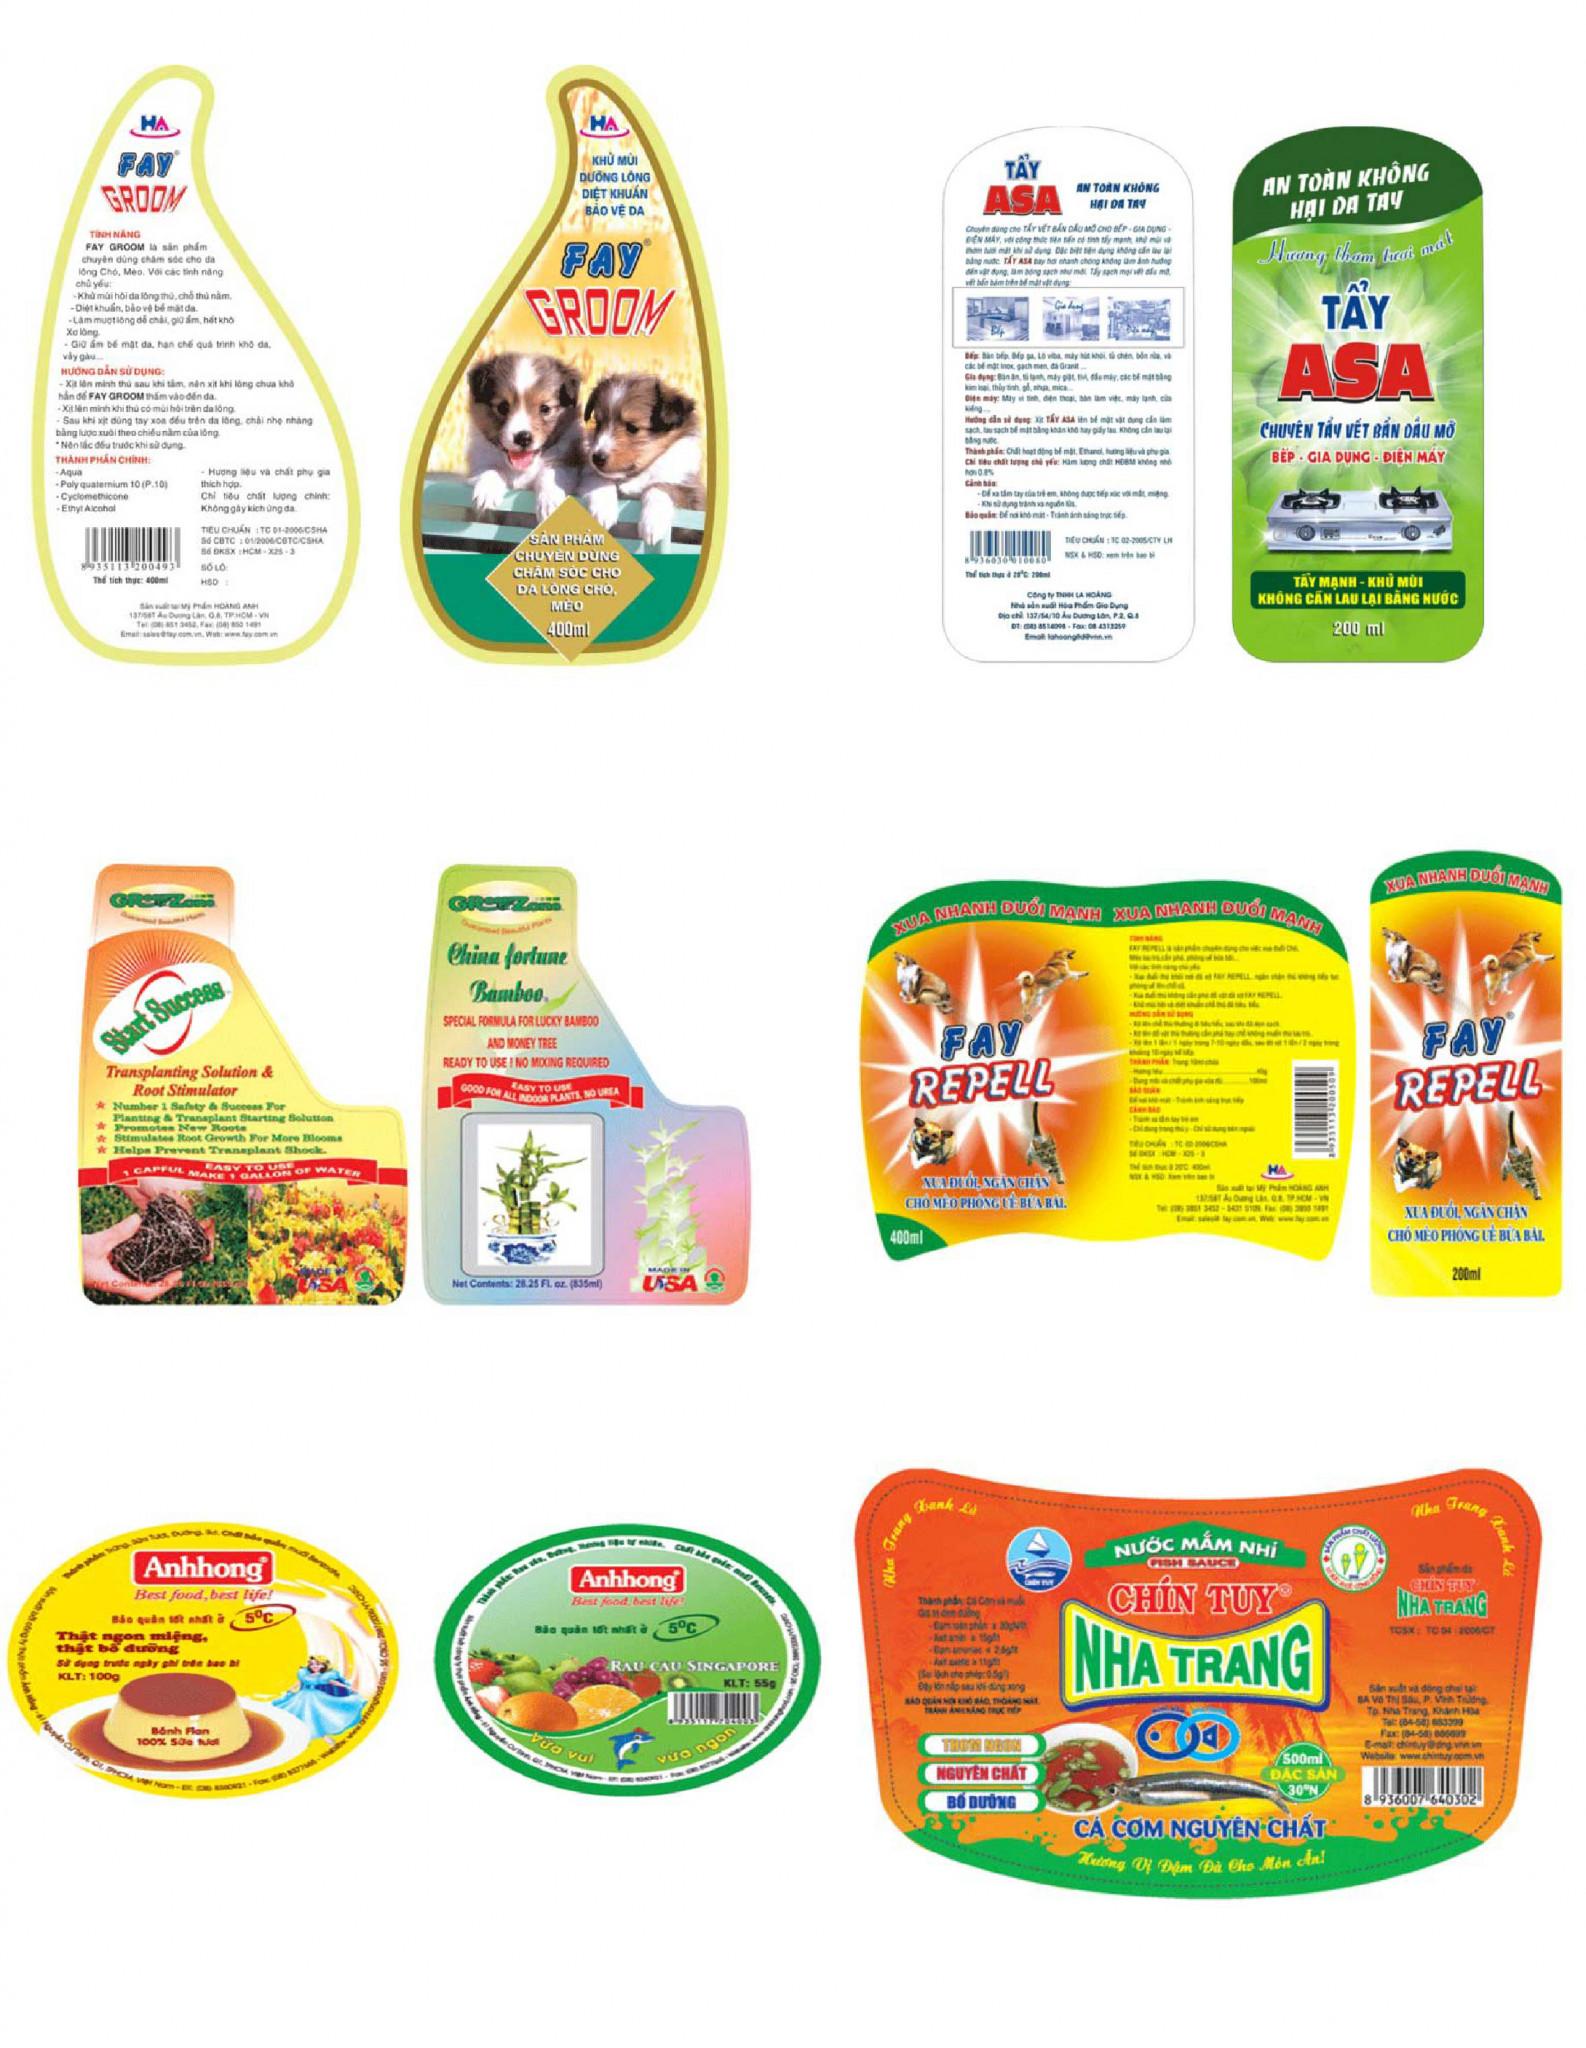 Mẫu in nhãn mác sản phẩm hàng hóa